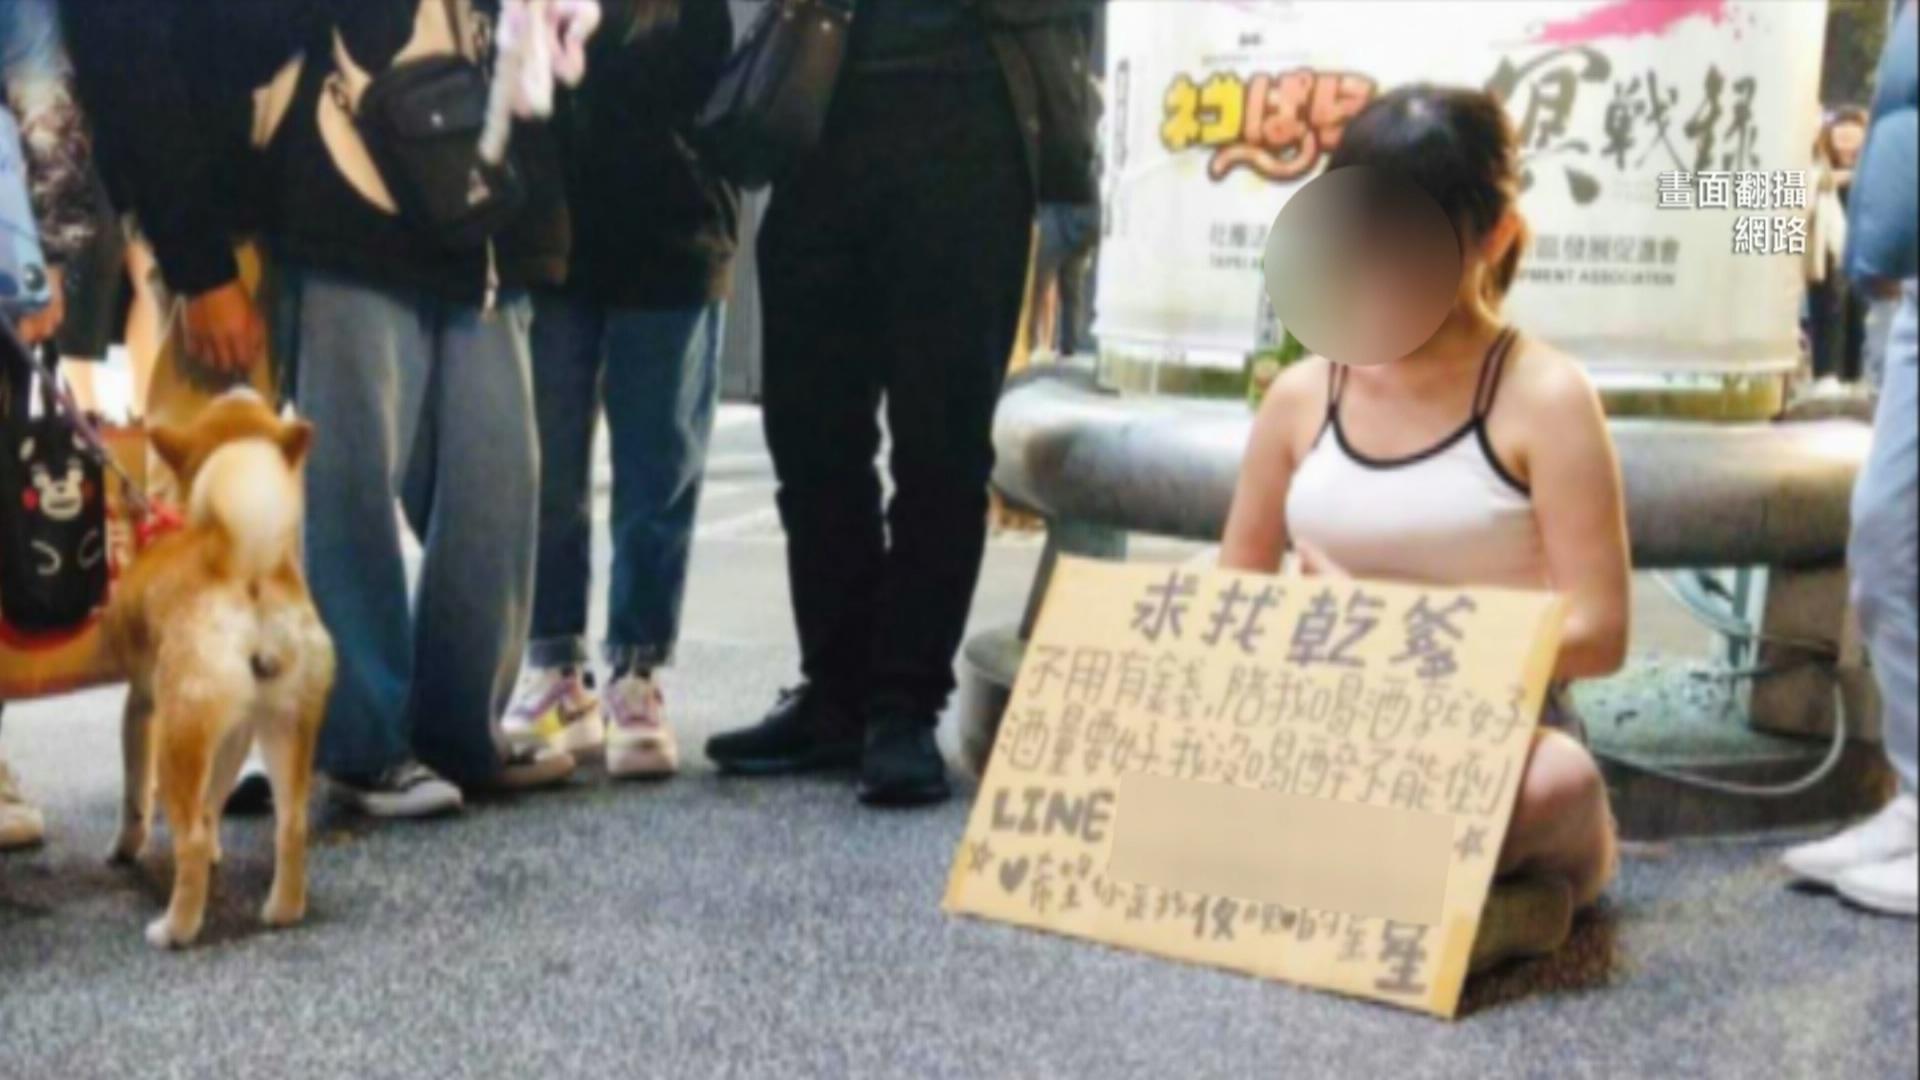 又現「徵乾爹」! 正妹西門街頭舉牌 地點、內容相同遭疑廣告